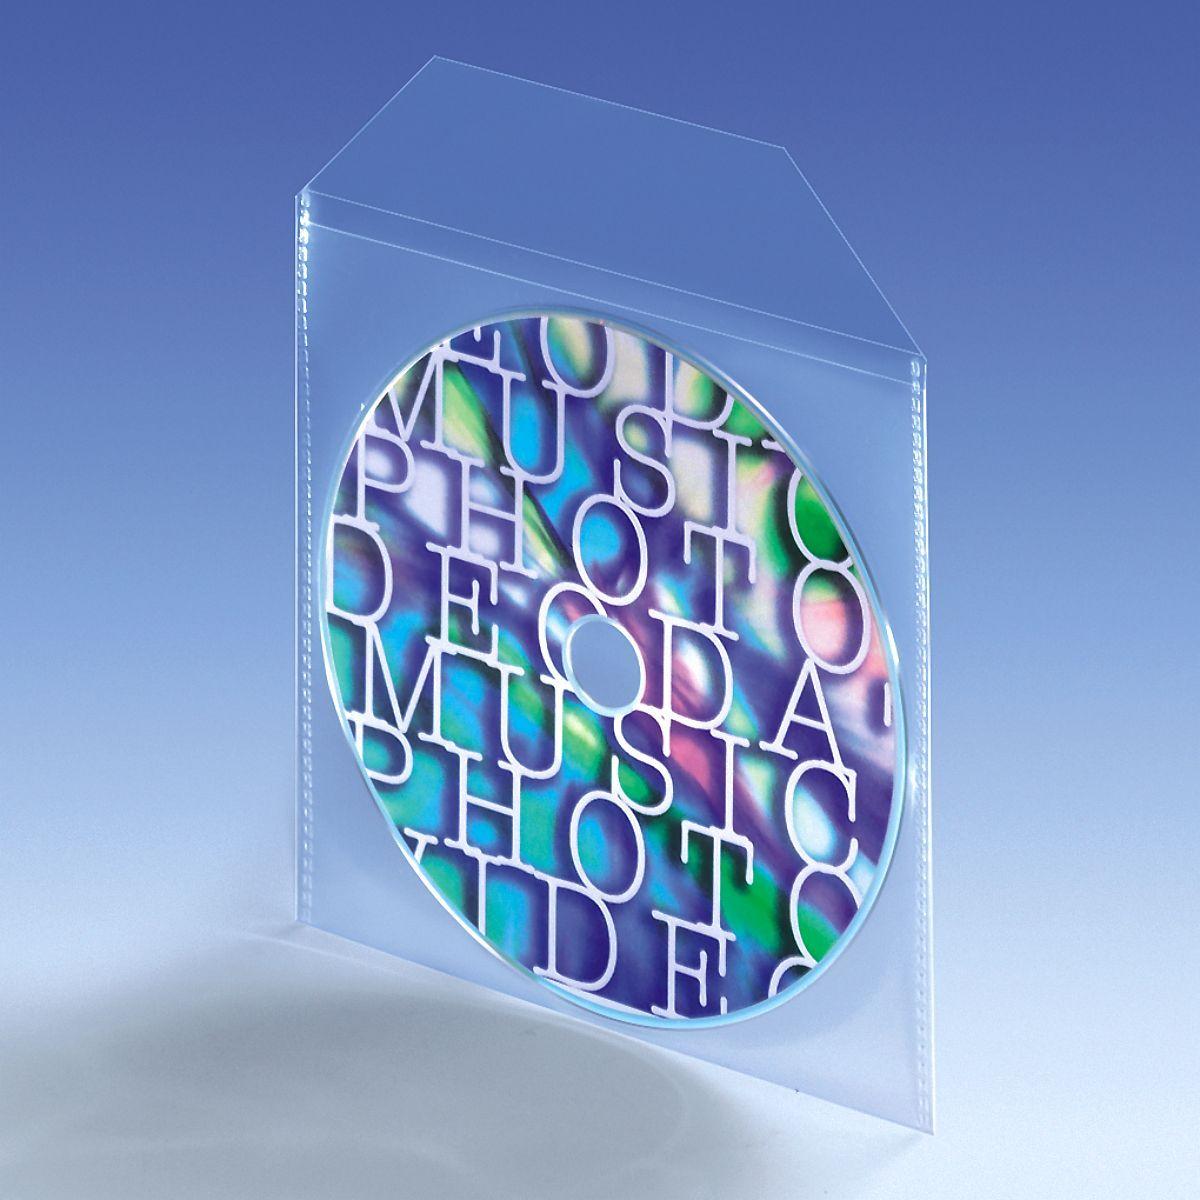 cd stecktasche pp mit klappe clickbox world of boxes aufbewahrungsboxen aus kunststoff. Black Bedroom Furniture Sets. Home Design Ideas